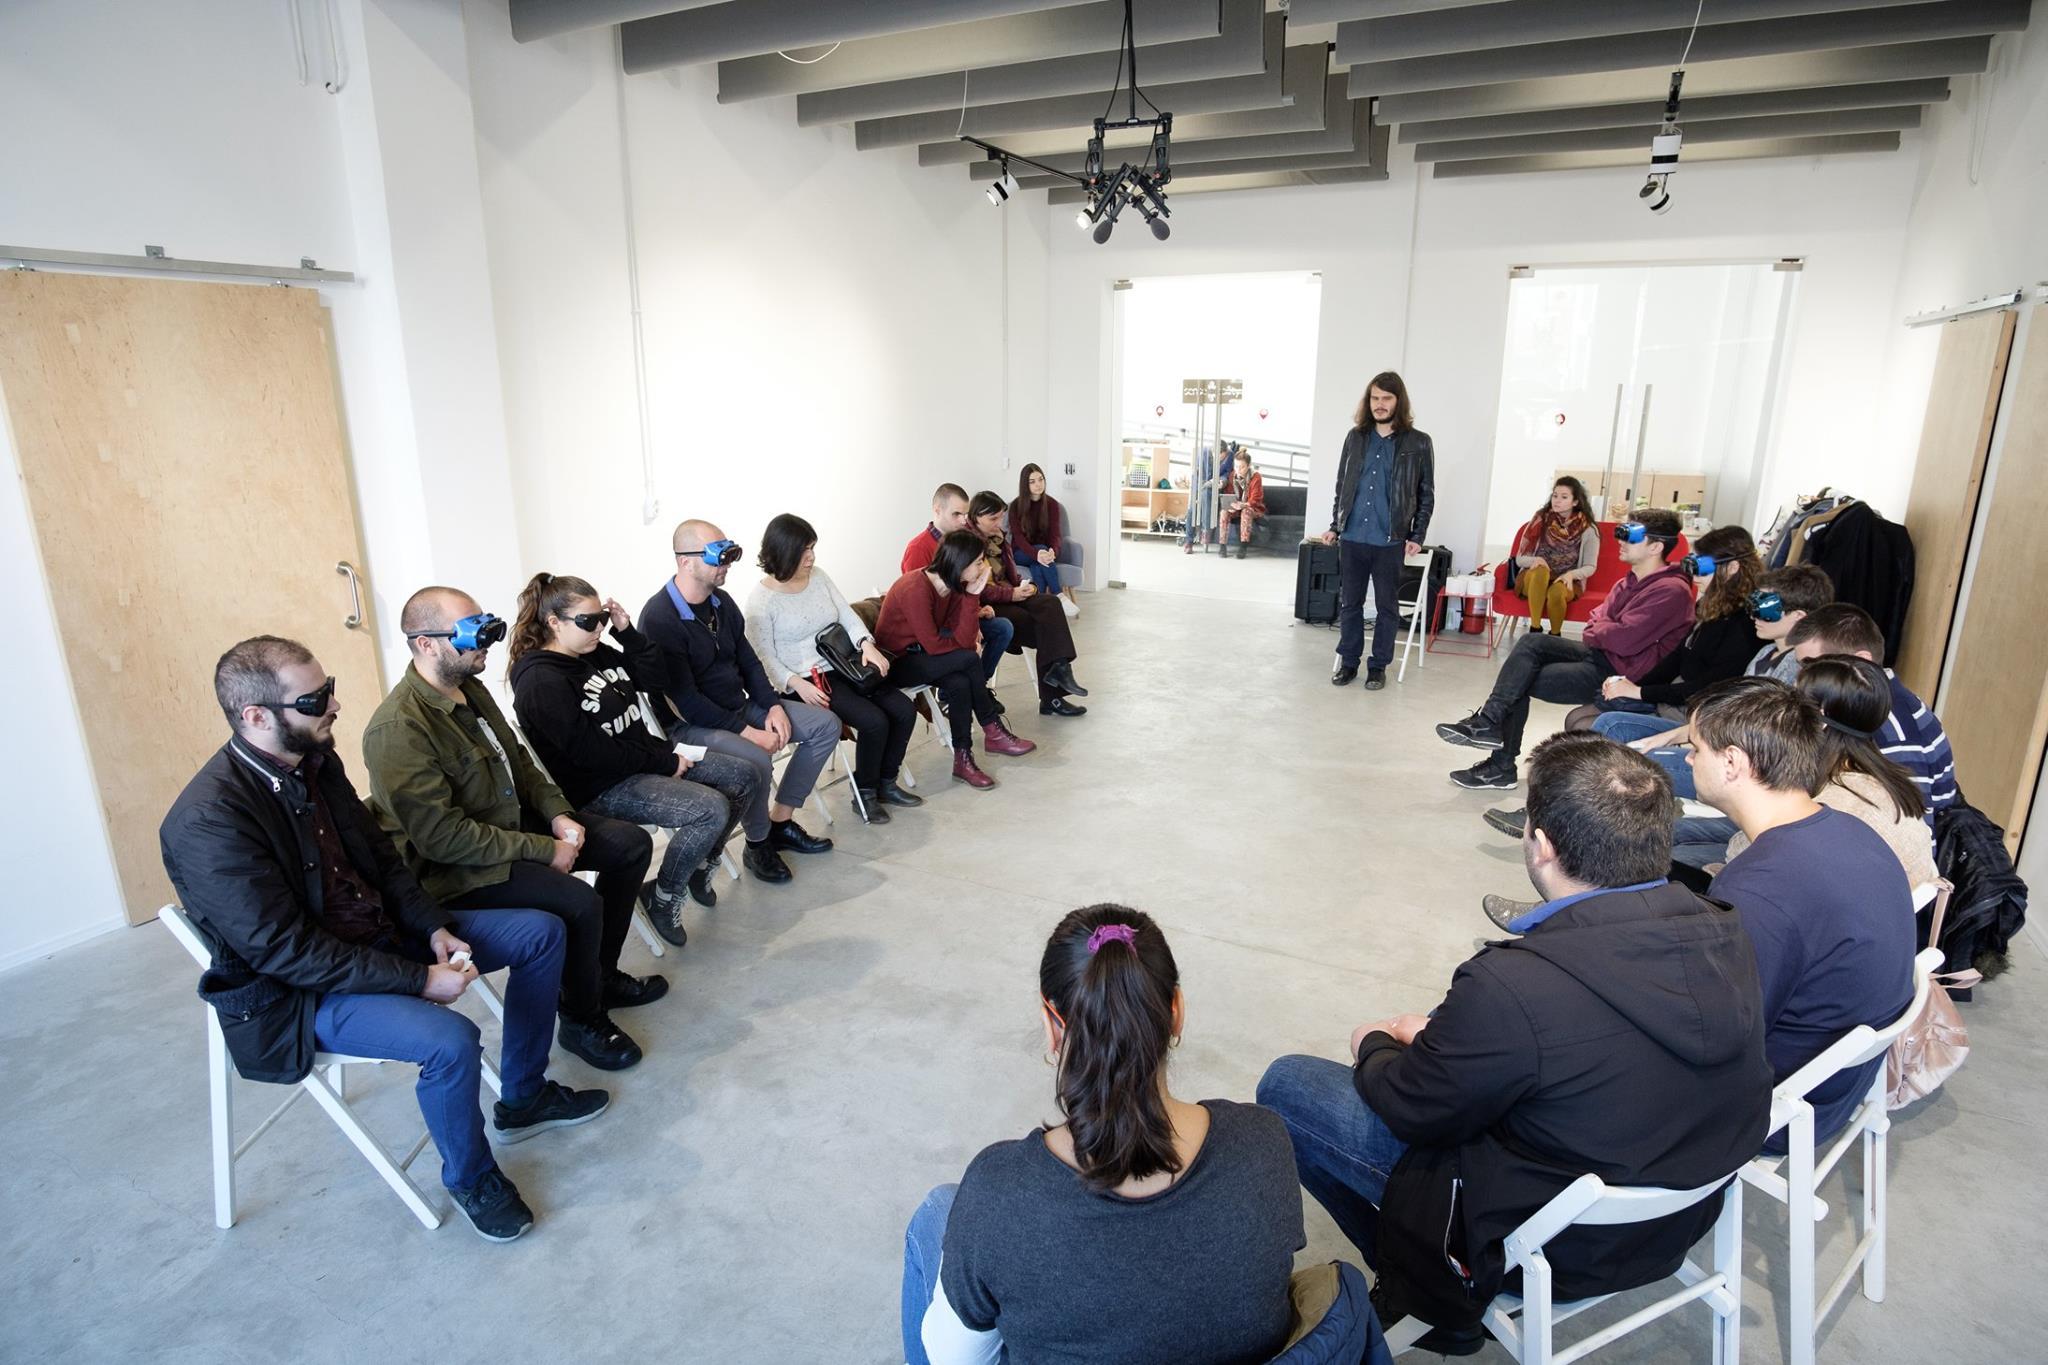 Descriere foto: participantii asezati pe scaune, in cerc, iar Alex Cucu le prezinta atelierul.